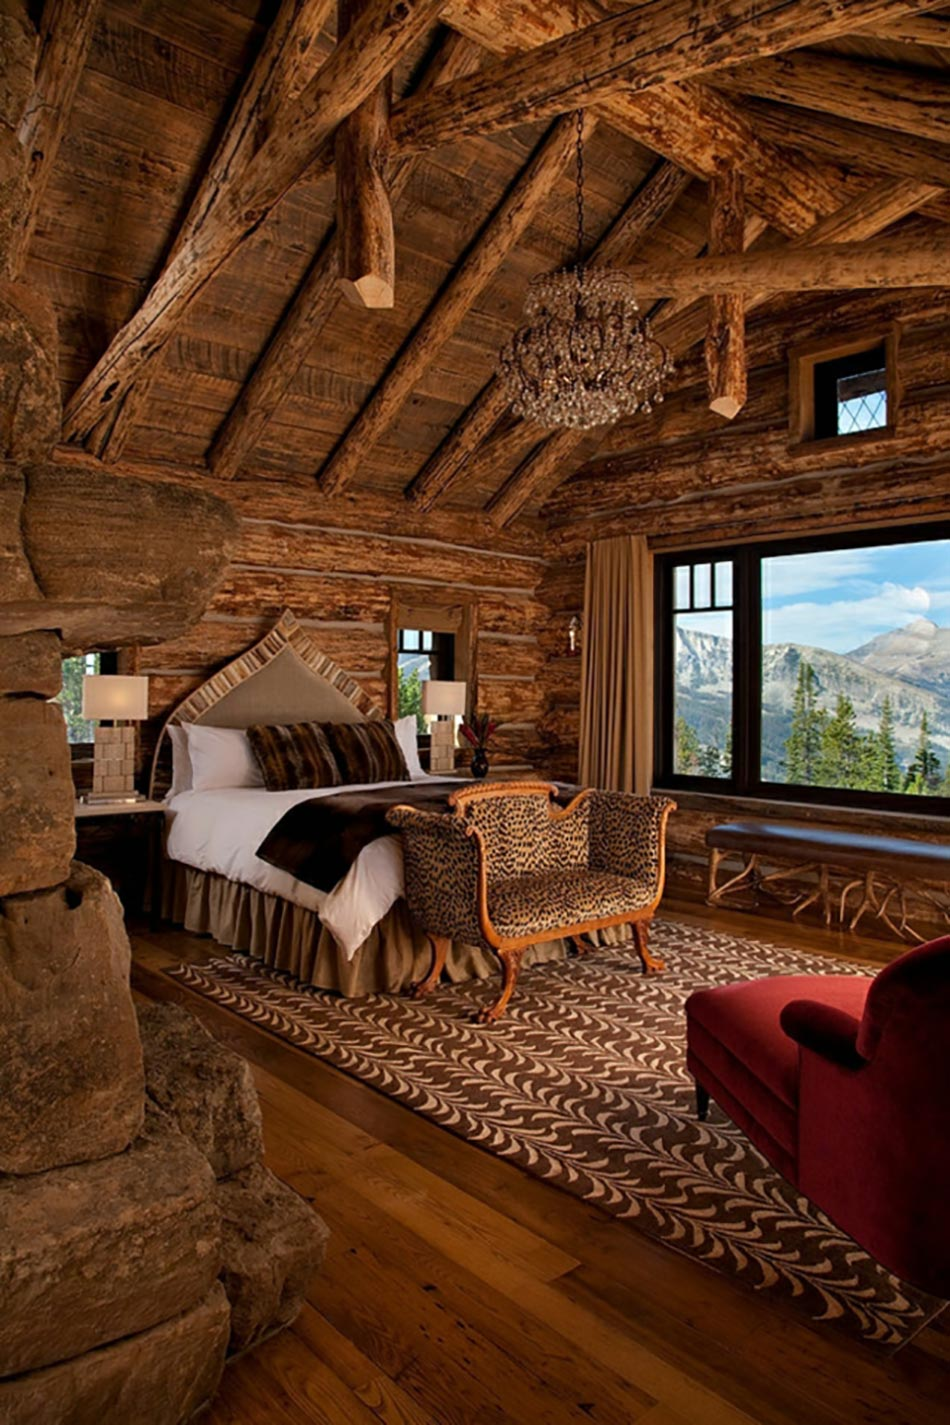 Magnifiques chambres avec une belle vue couper le for Chambre rustique